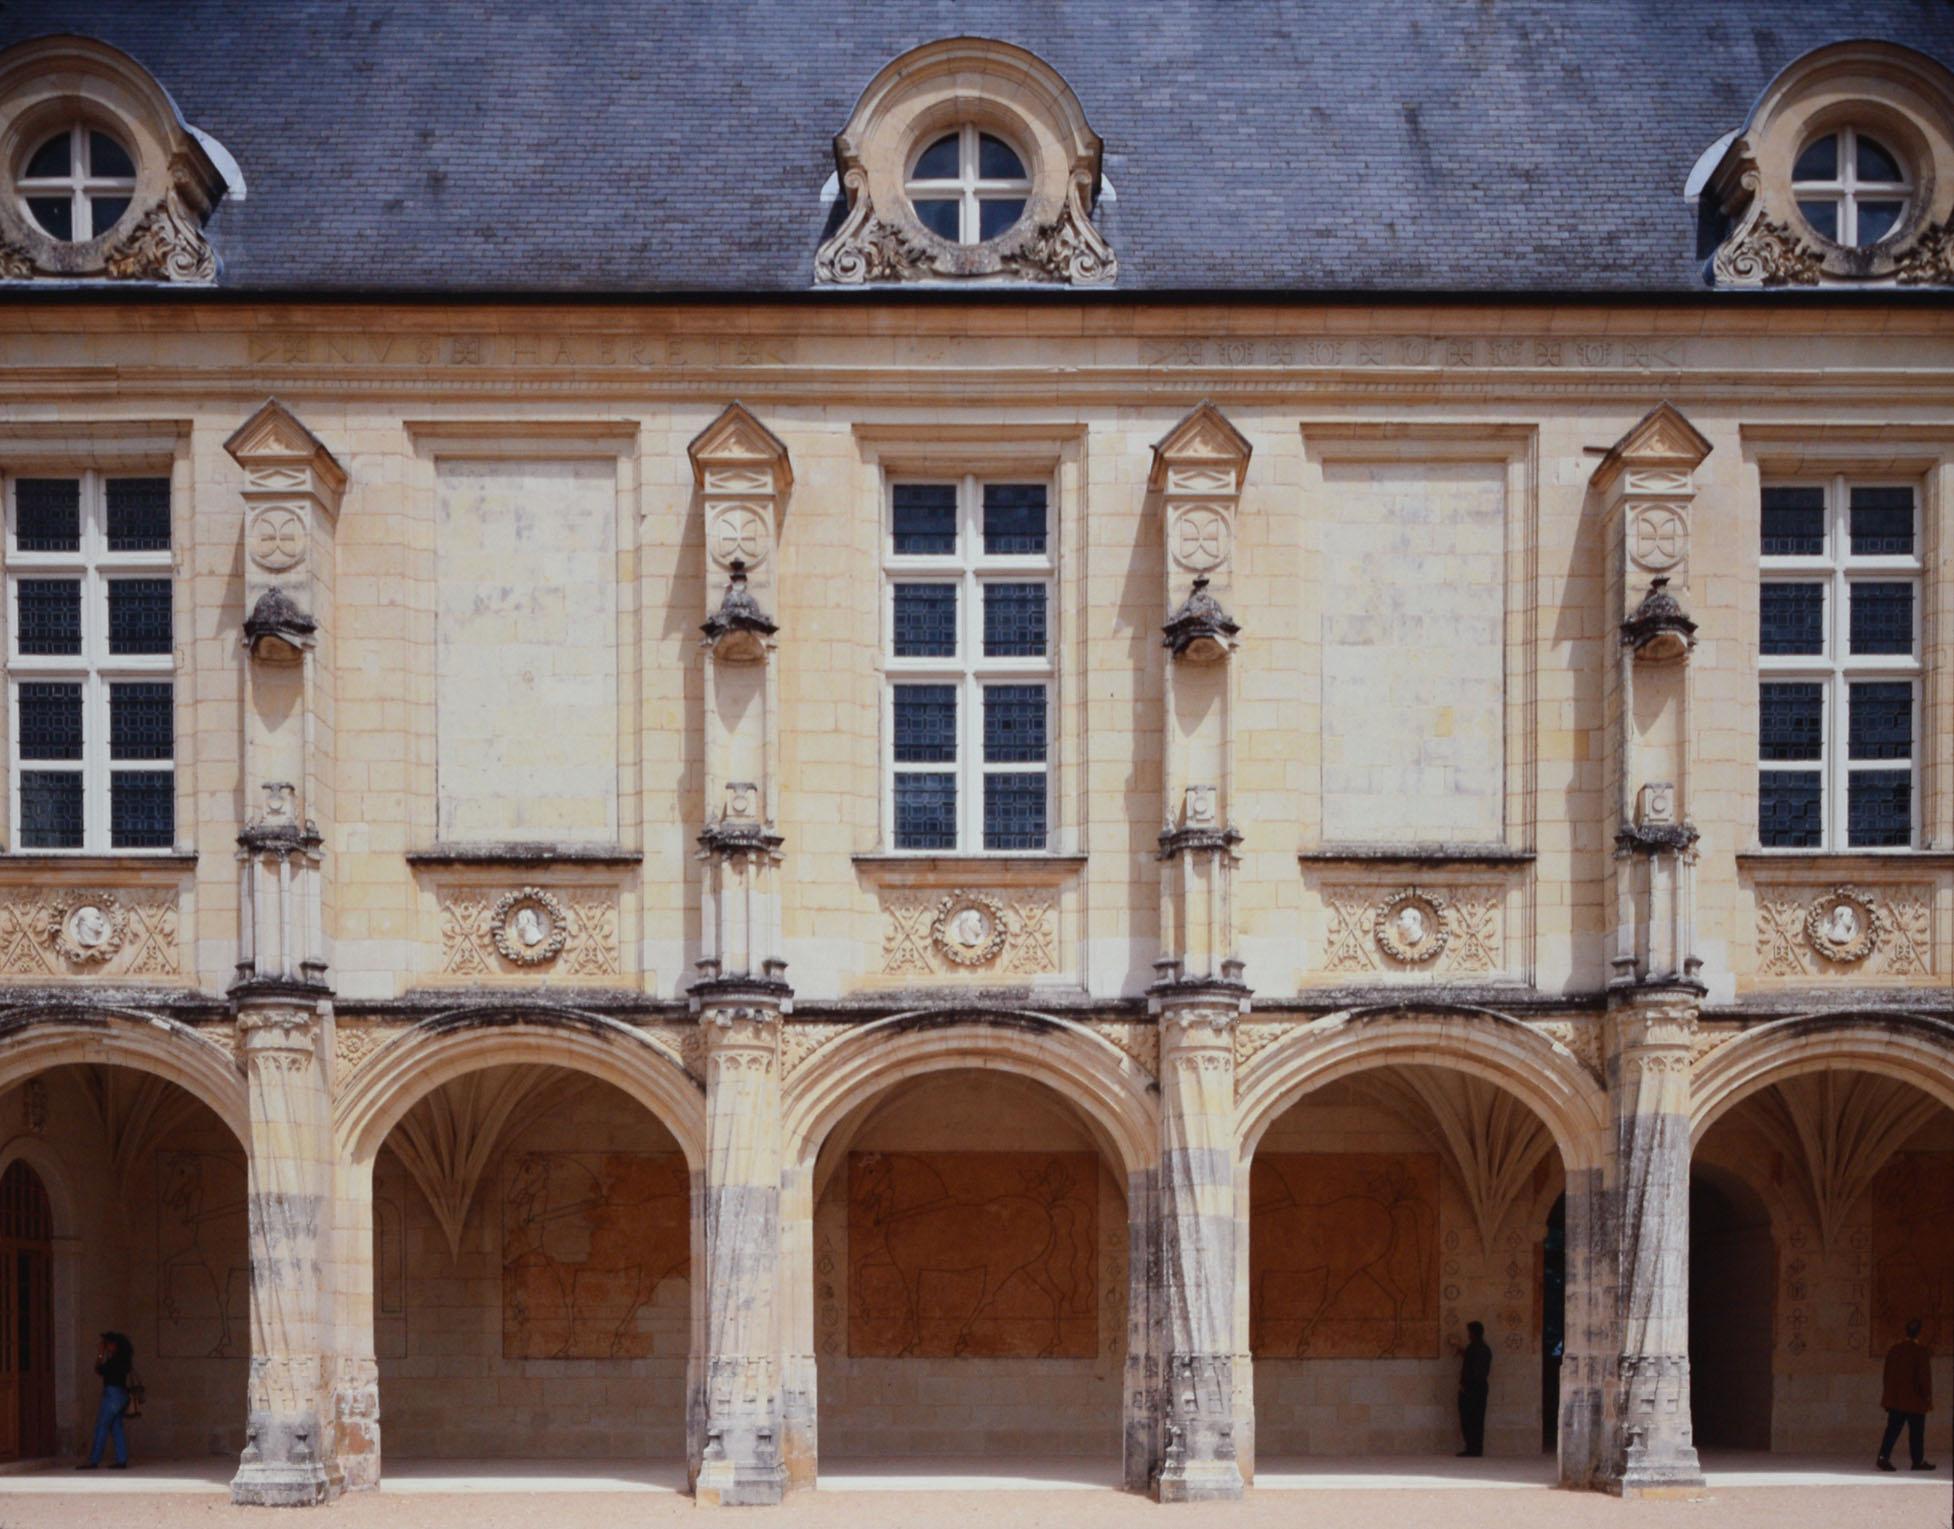 Chevaux d'Oiron, pastel broyé appliqué au pinceau sur enduits anciens